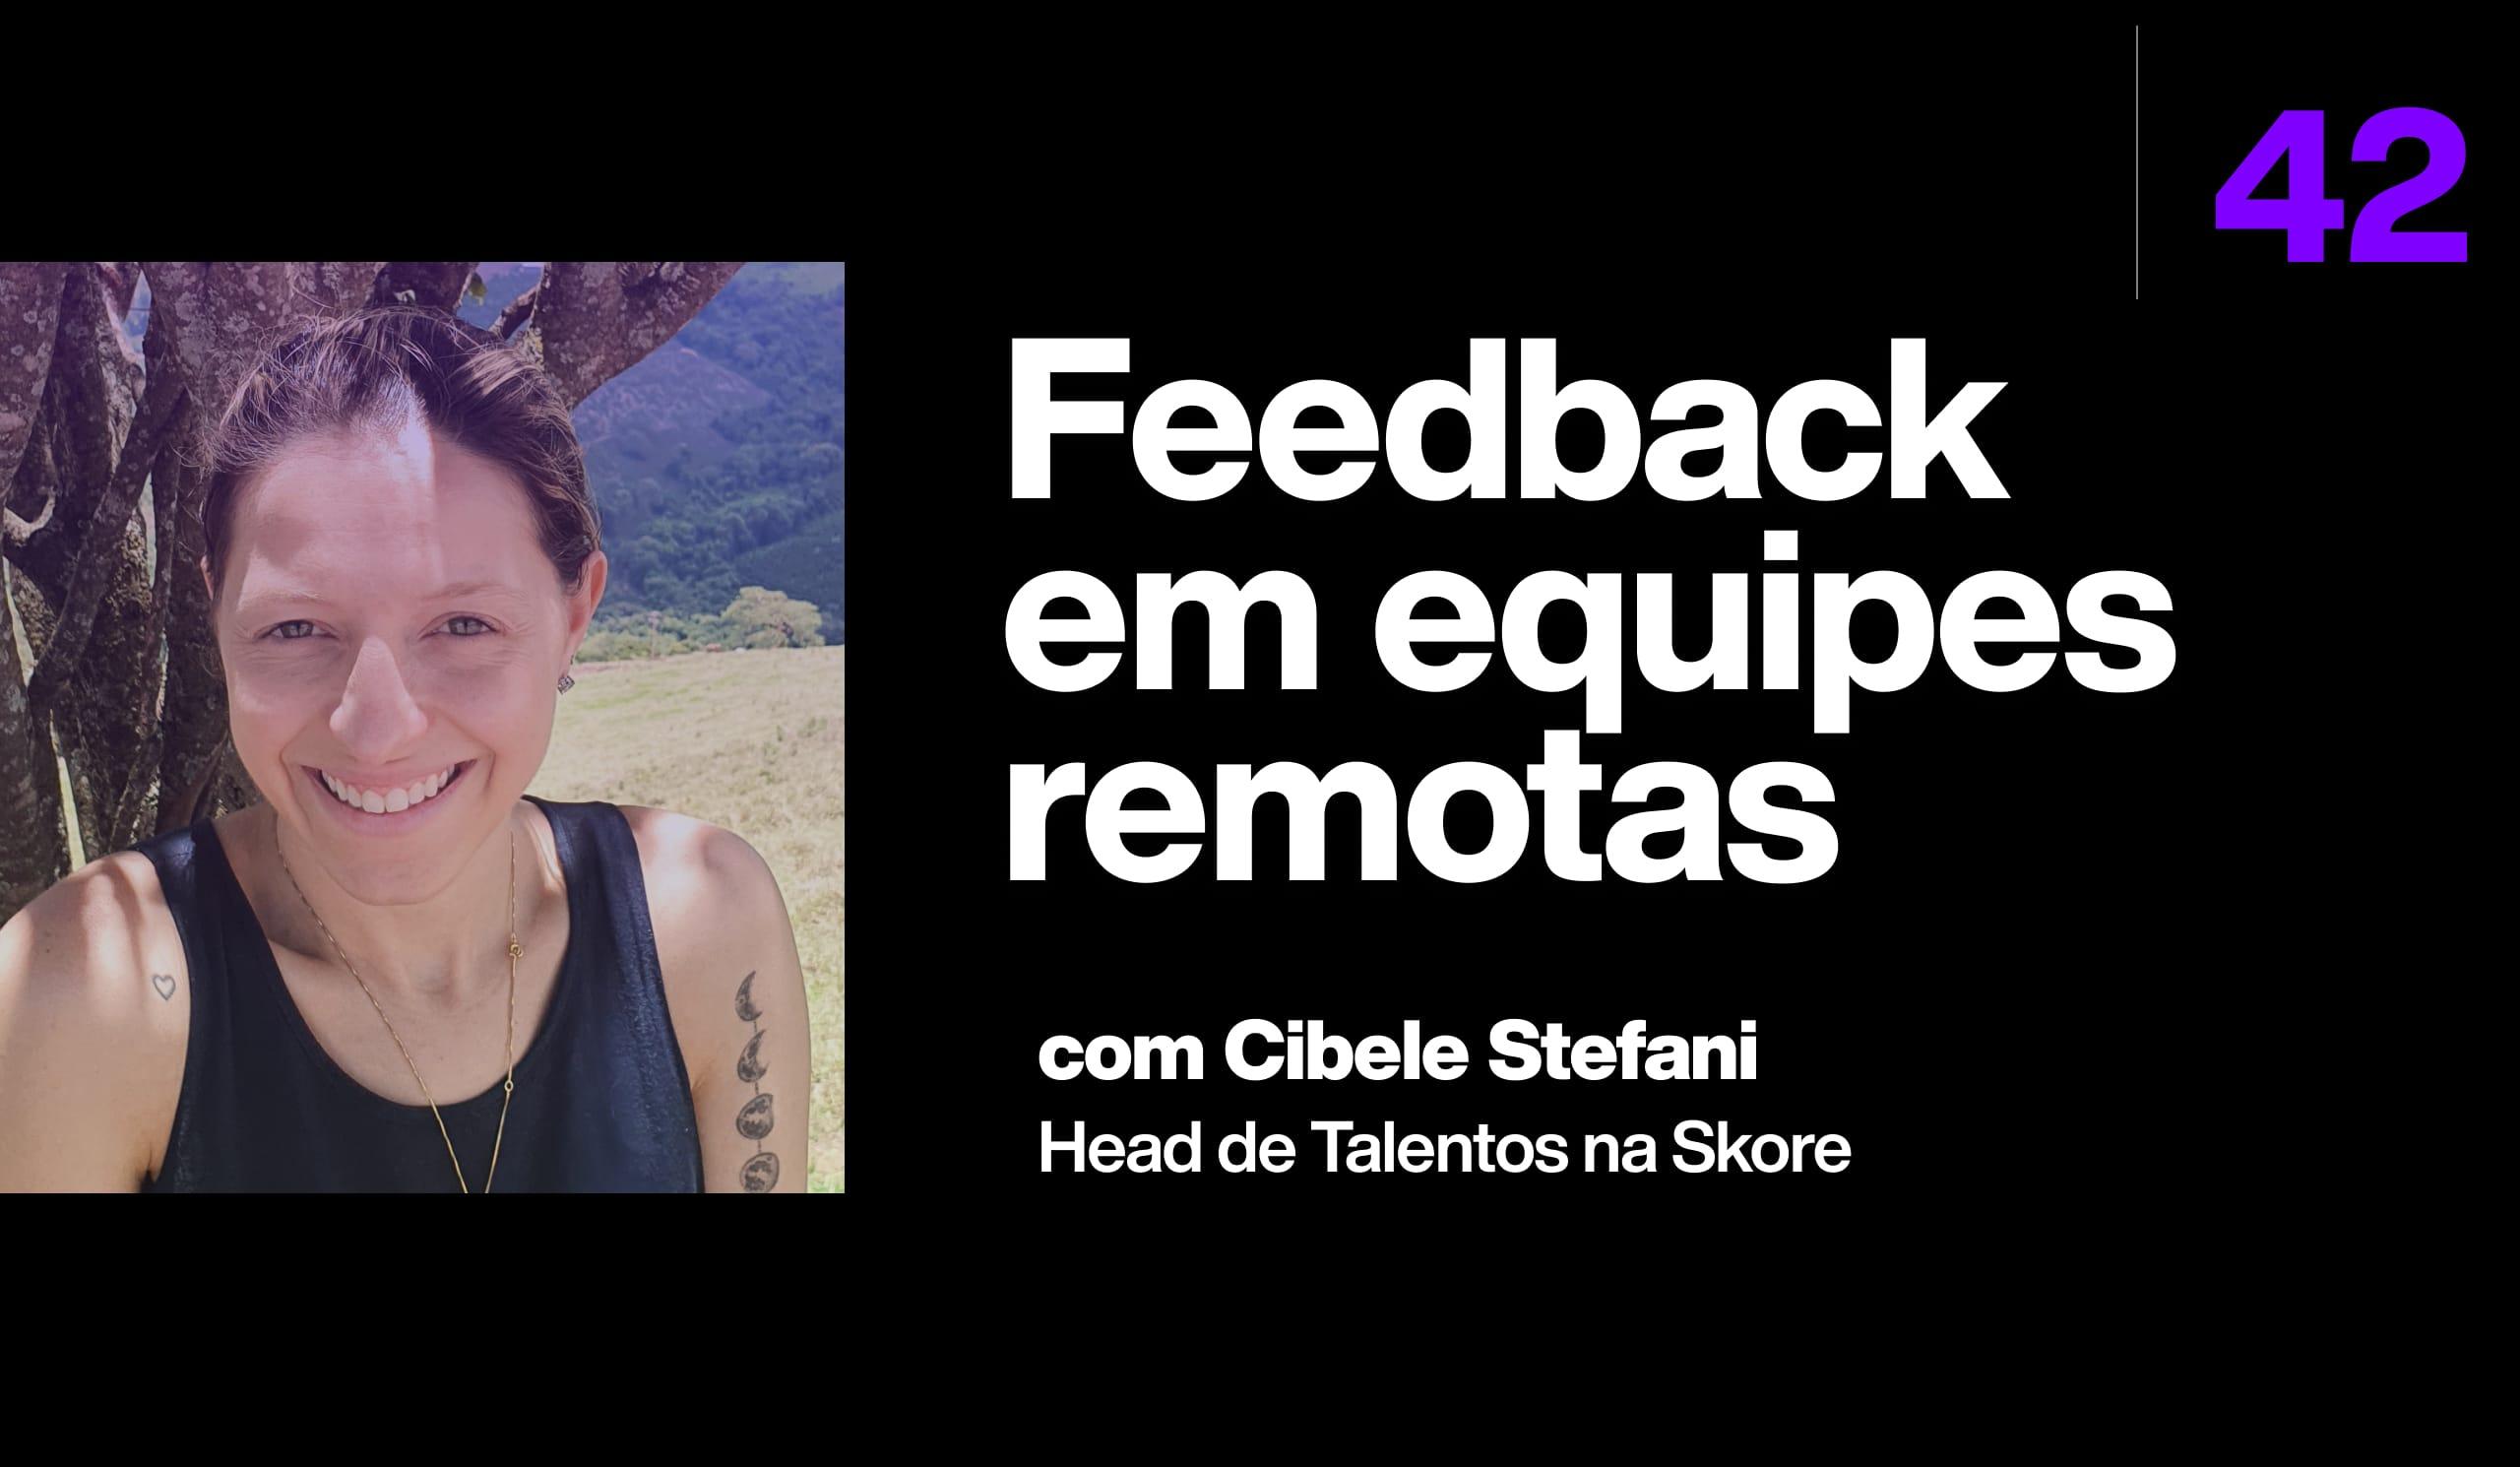 Cultura de feedback em equipes remotas